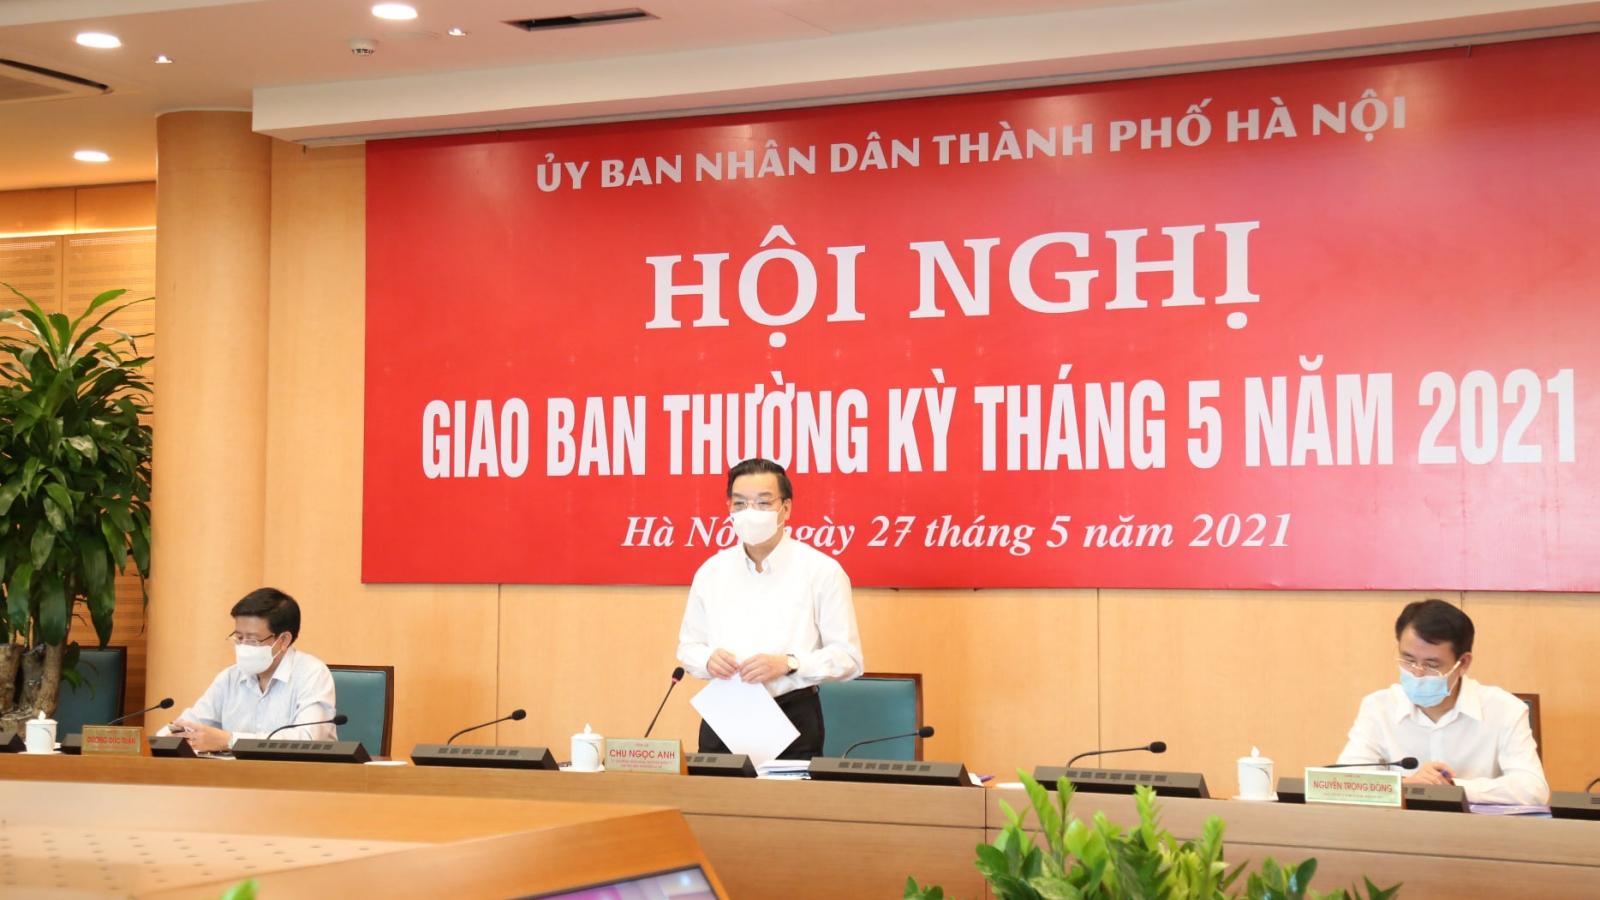 Hà Nội tiếp tục hỗ trợ xét nghiệm 20.000 mẫu, tặng 10.000 kit test cho Bắc Giang